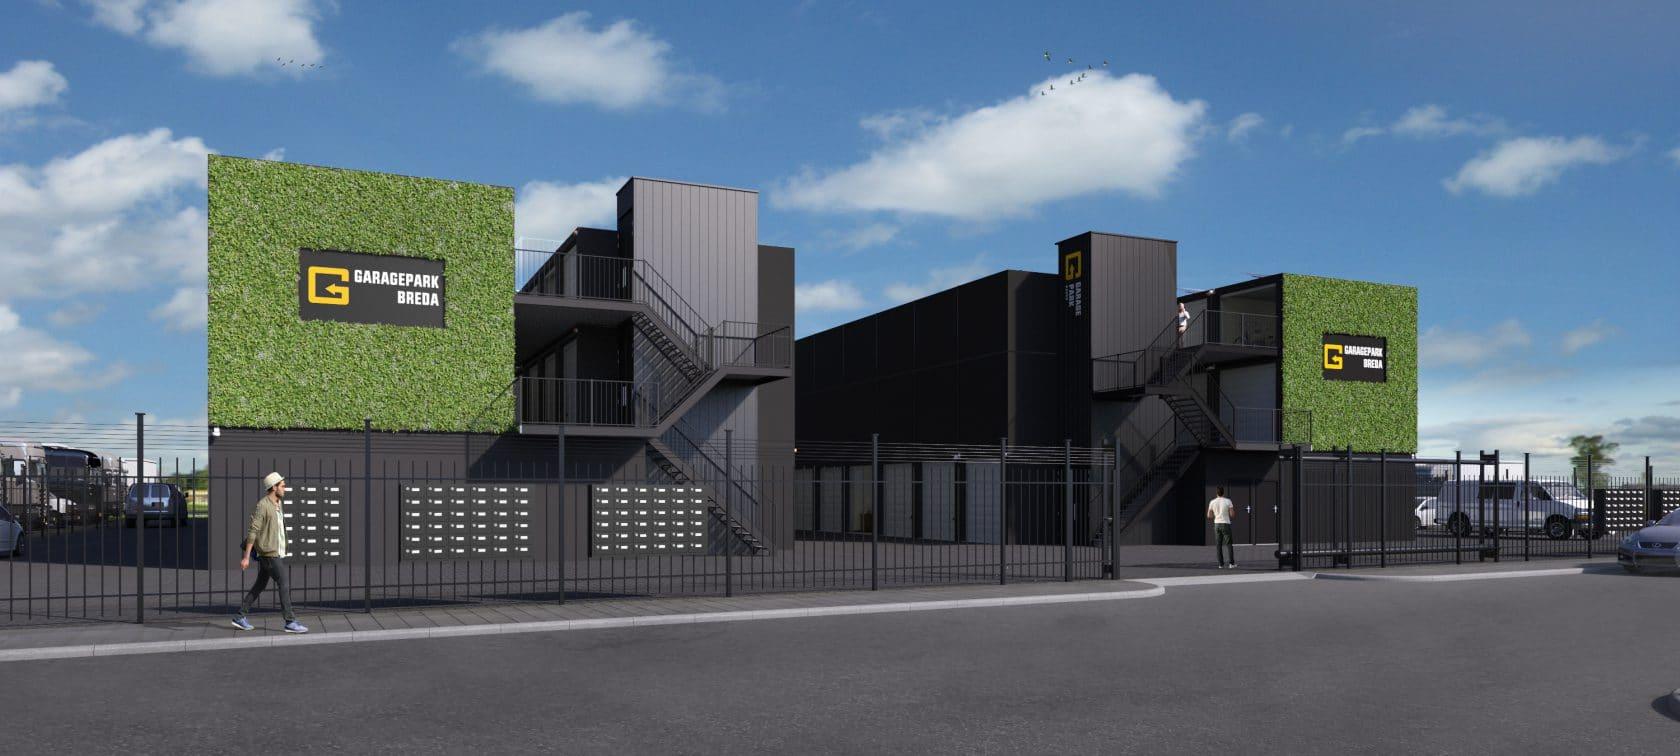 GaragePark Breda - Garageboxen Breda